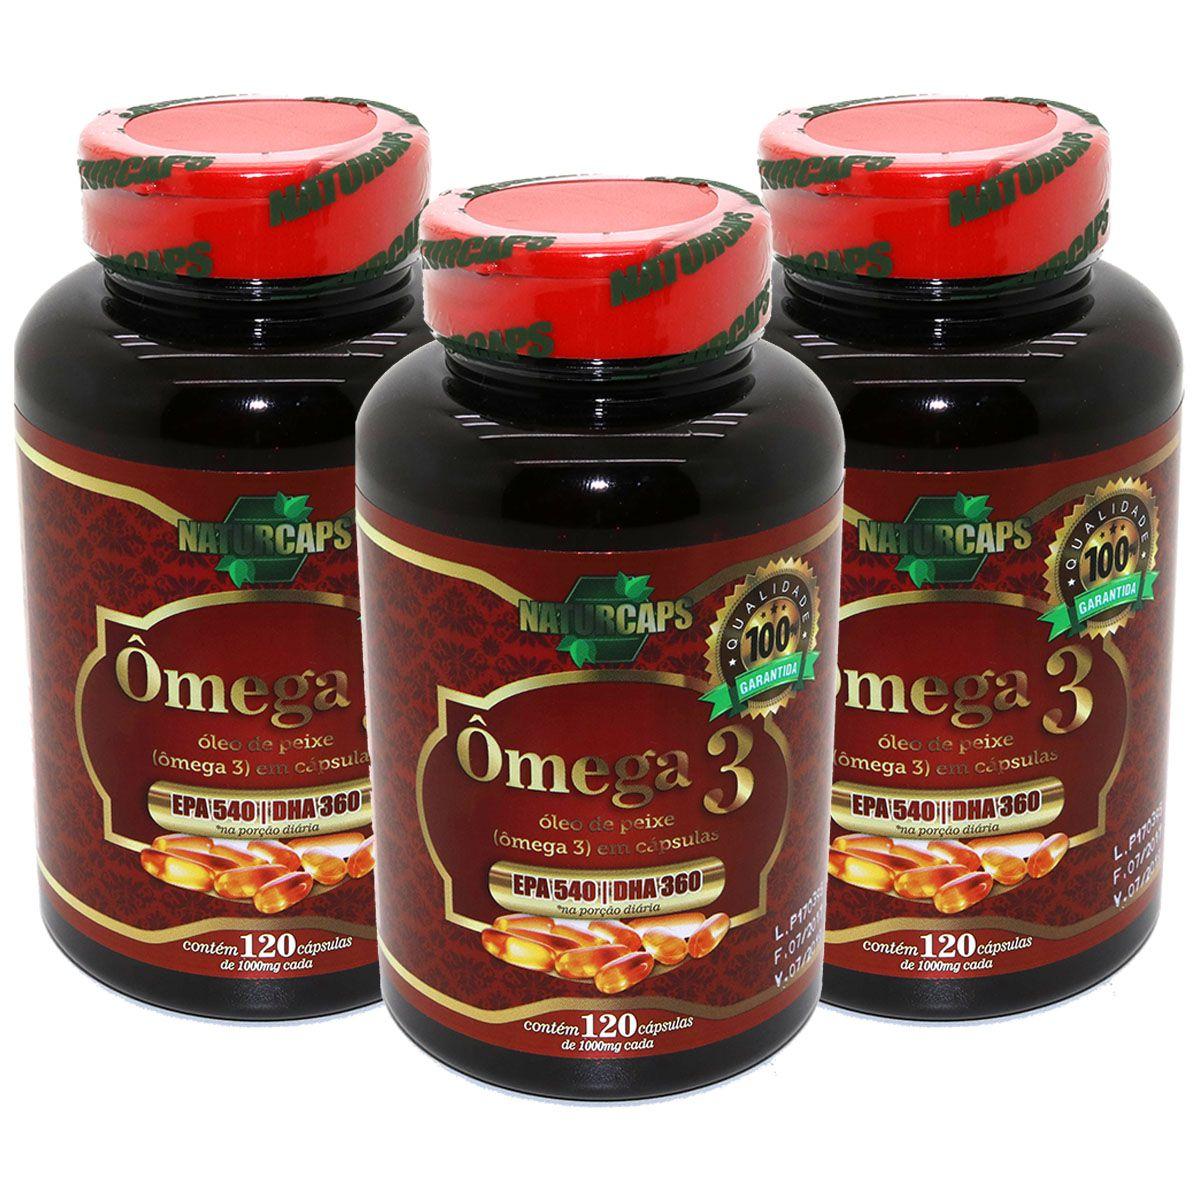 Omega 3 Oleo De Peixe 1000mg - Naturcaps - 360 Capsulas